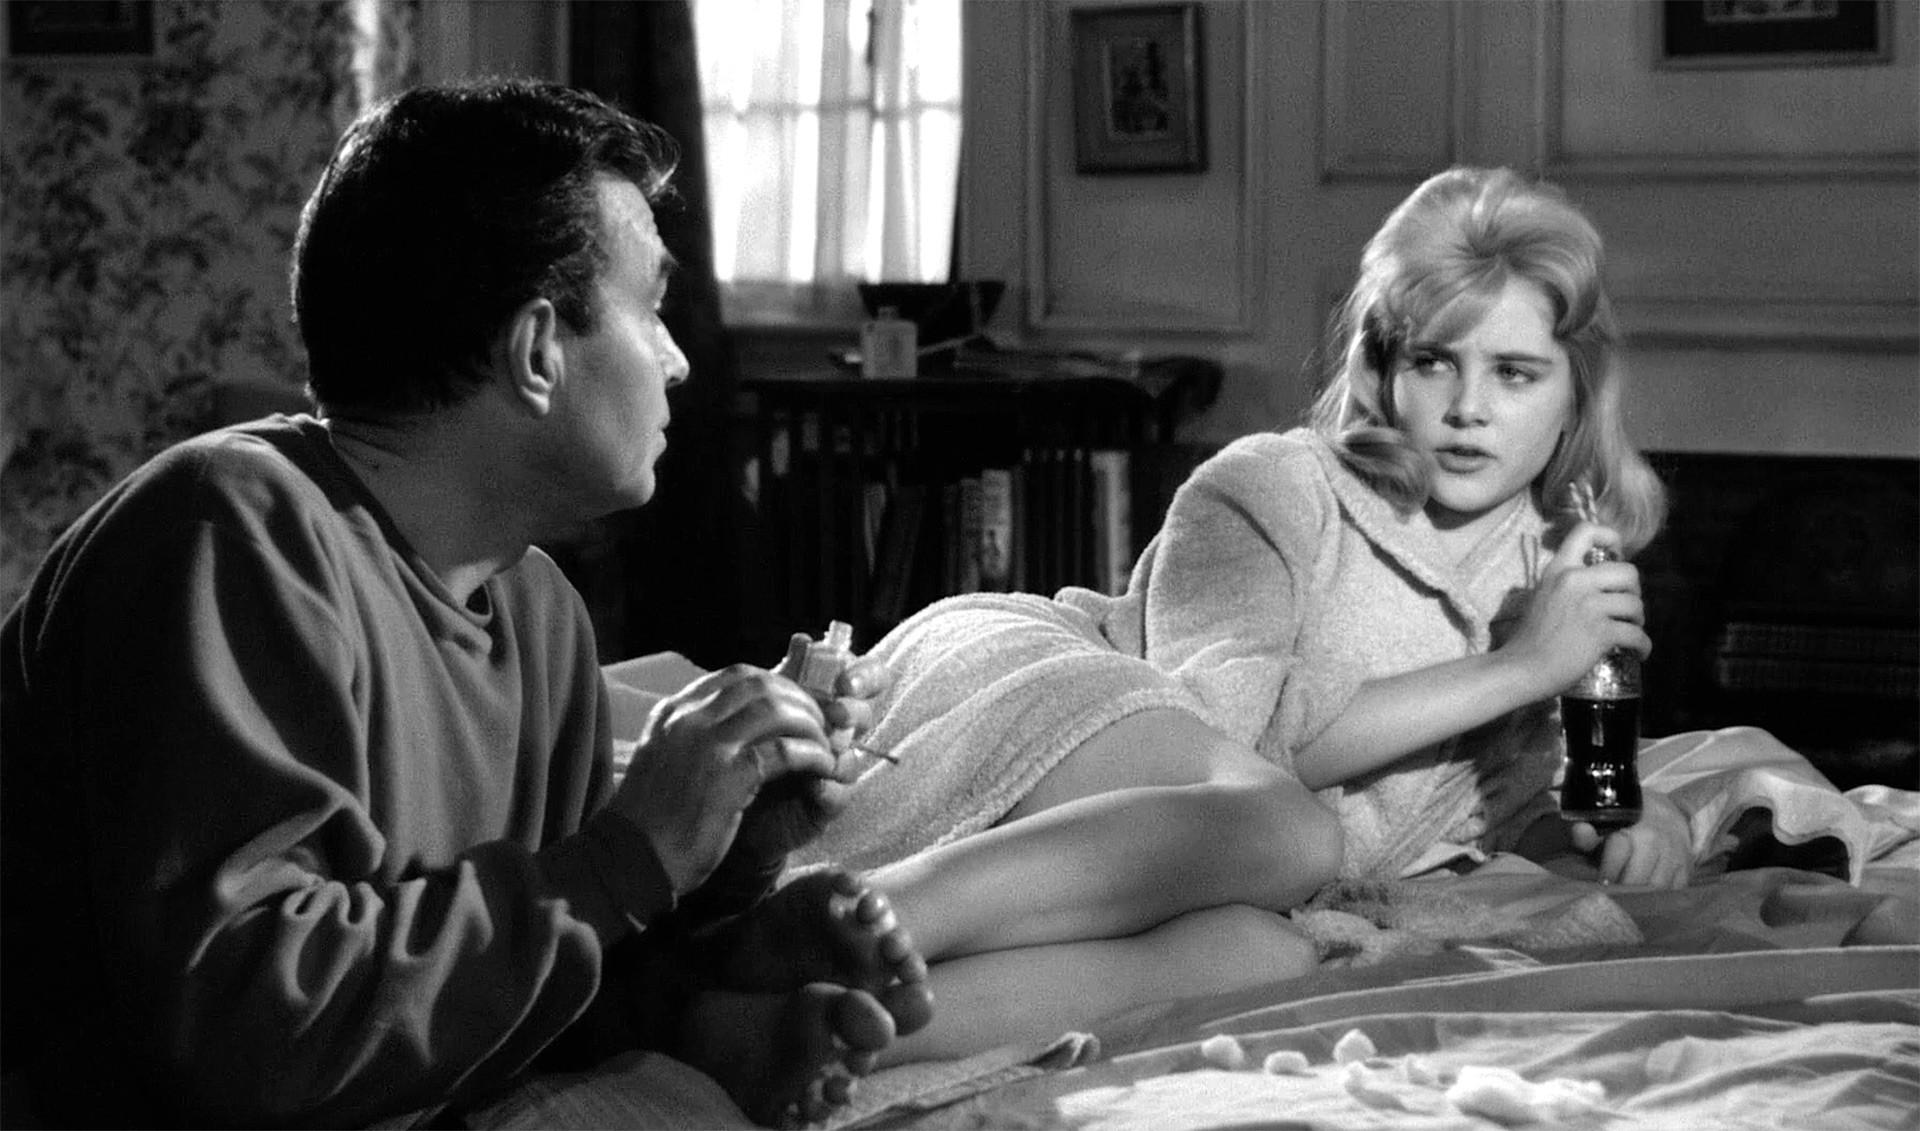 映画『ロリータ』、1962年